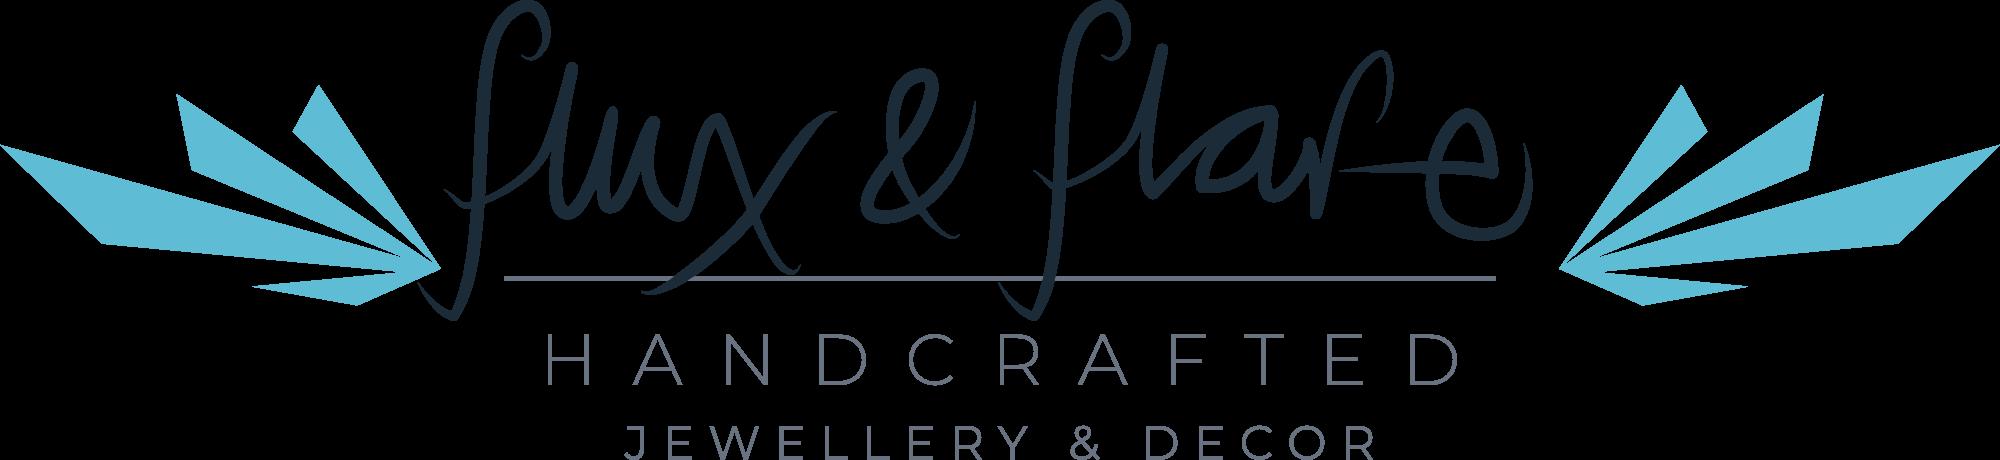 Flux & Flare Logo